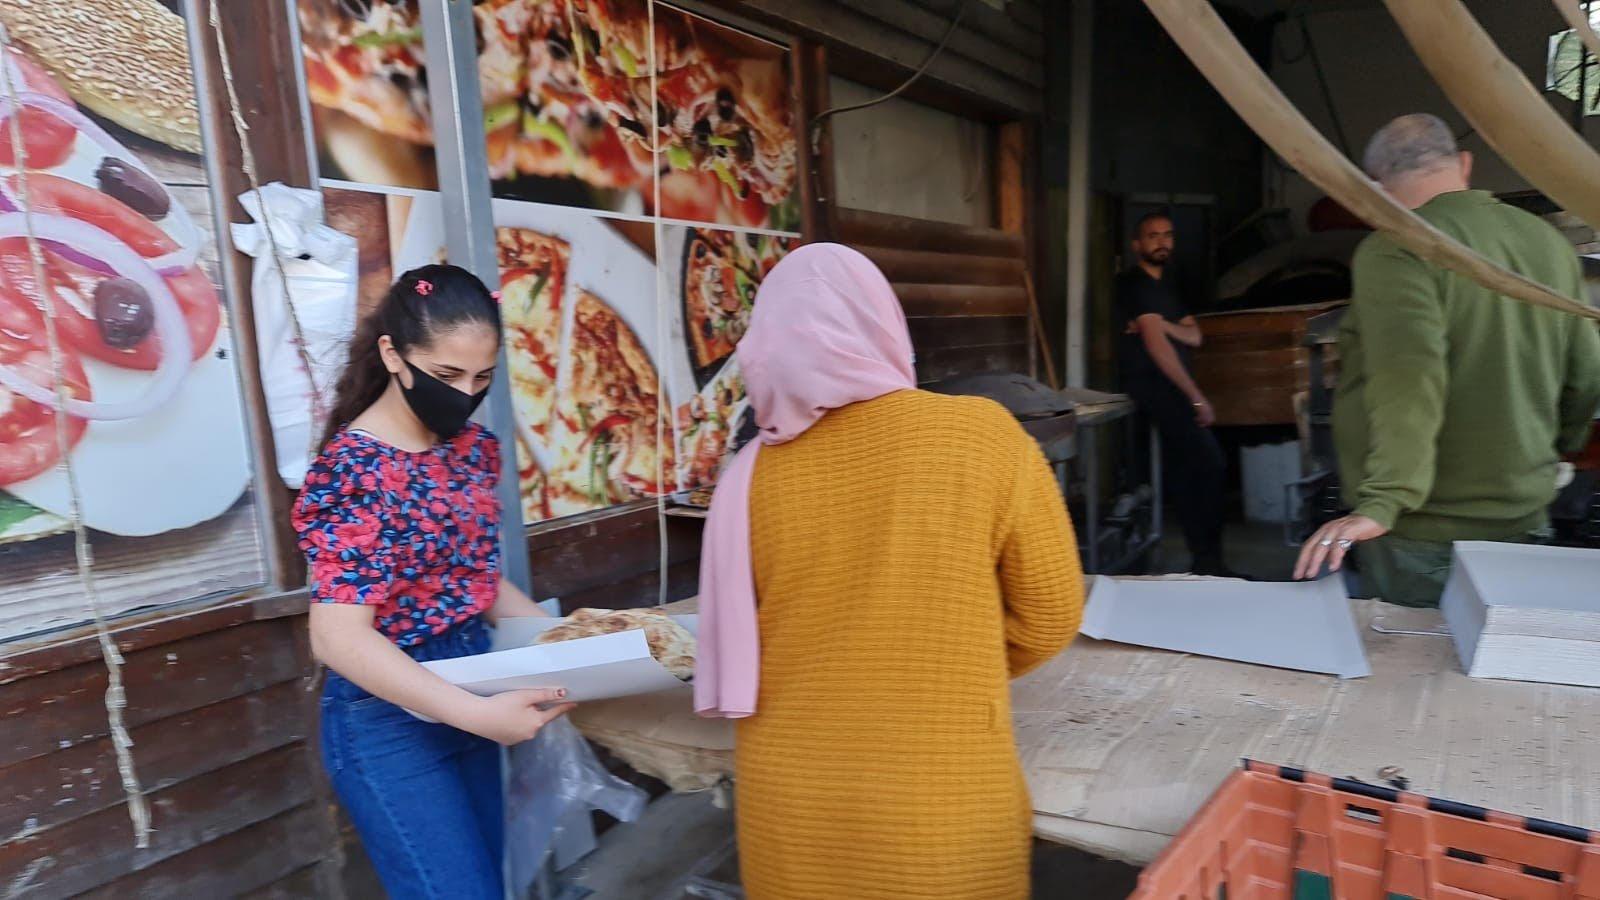 فيديو: أجواء رمضانية مميزة في يوم الخامس من رمضان في ام الفحم